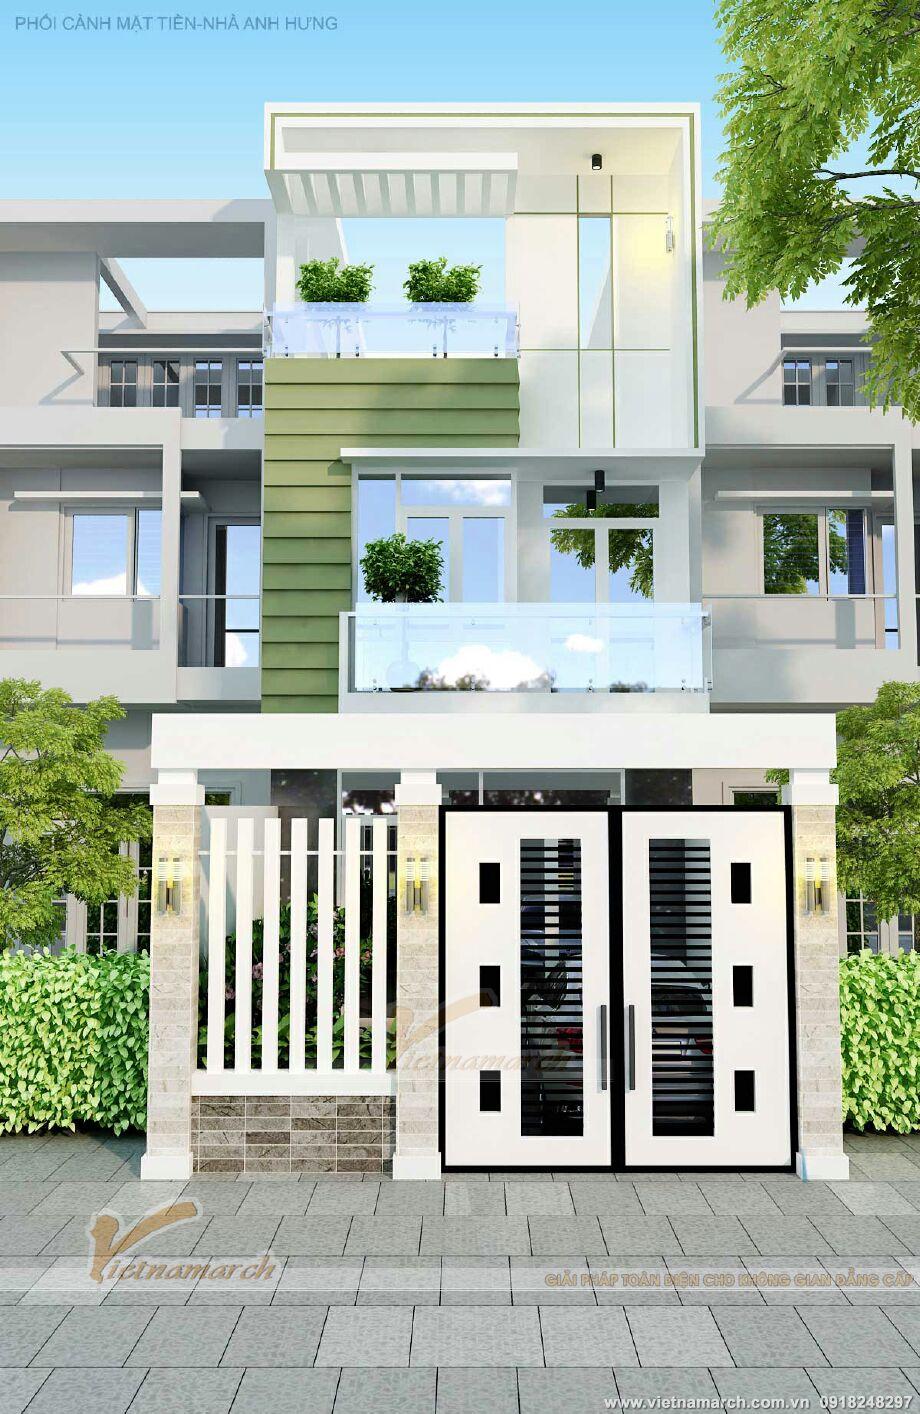 Thiết kế nhà lô phố 3 tầng hiện đại tại Nam Định